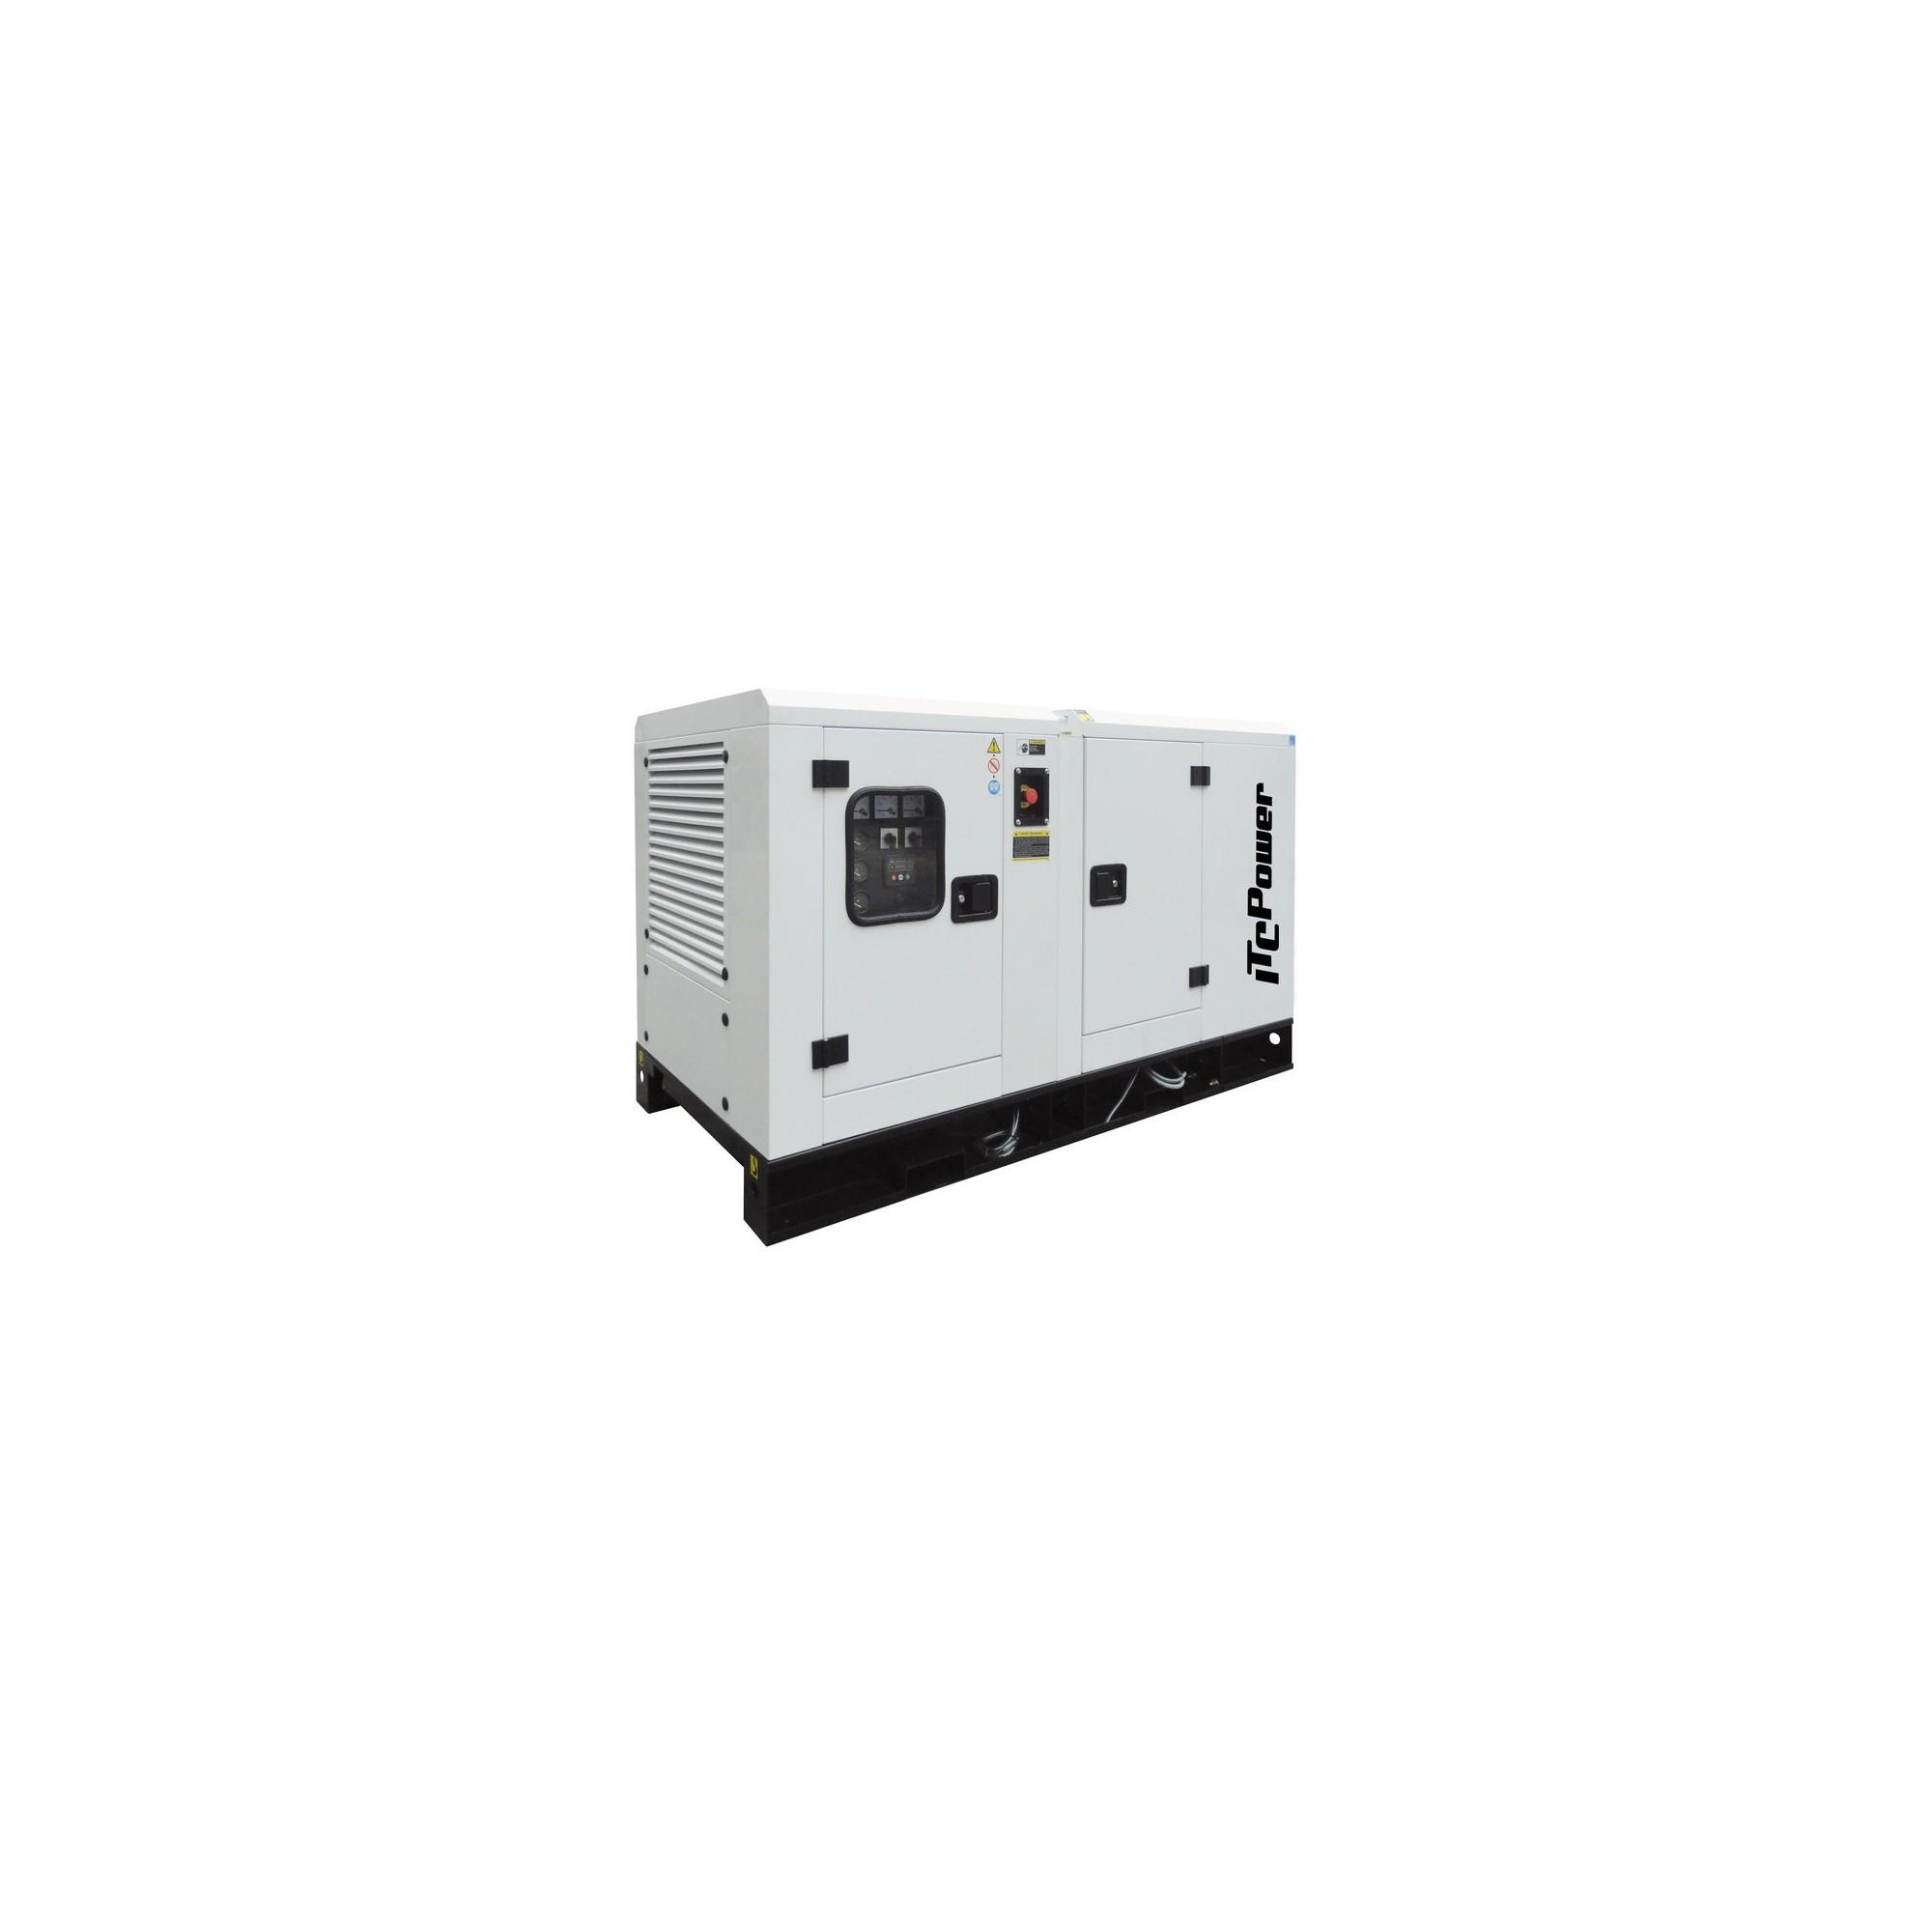 DG16KSE Grupo eElectrógeno Insonorizado Trifásico ITCPower 16KVAS